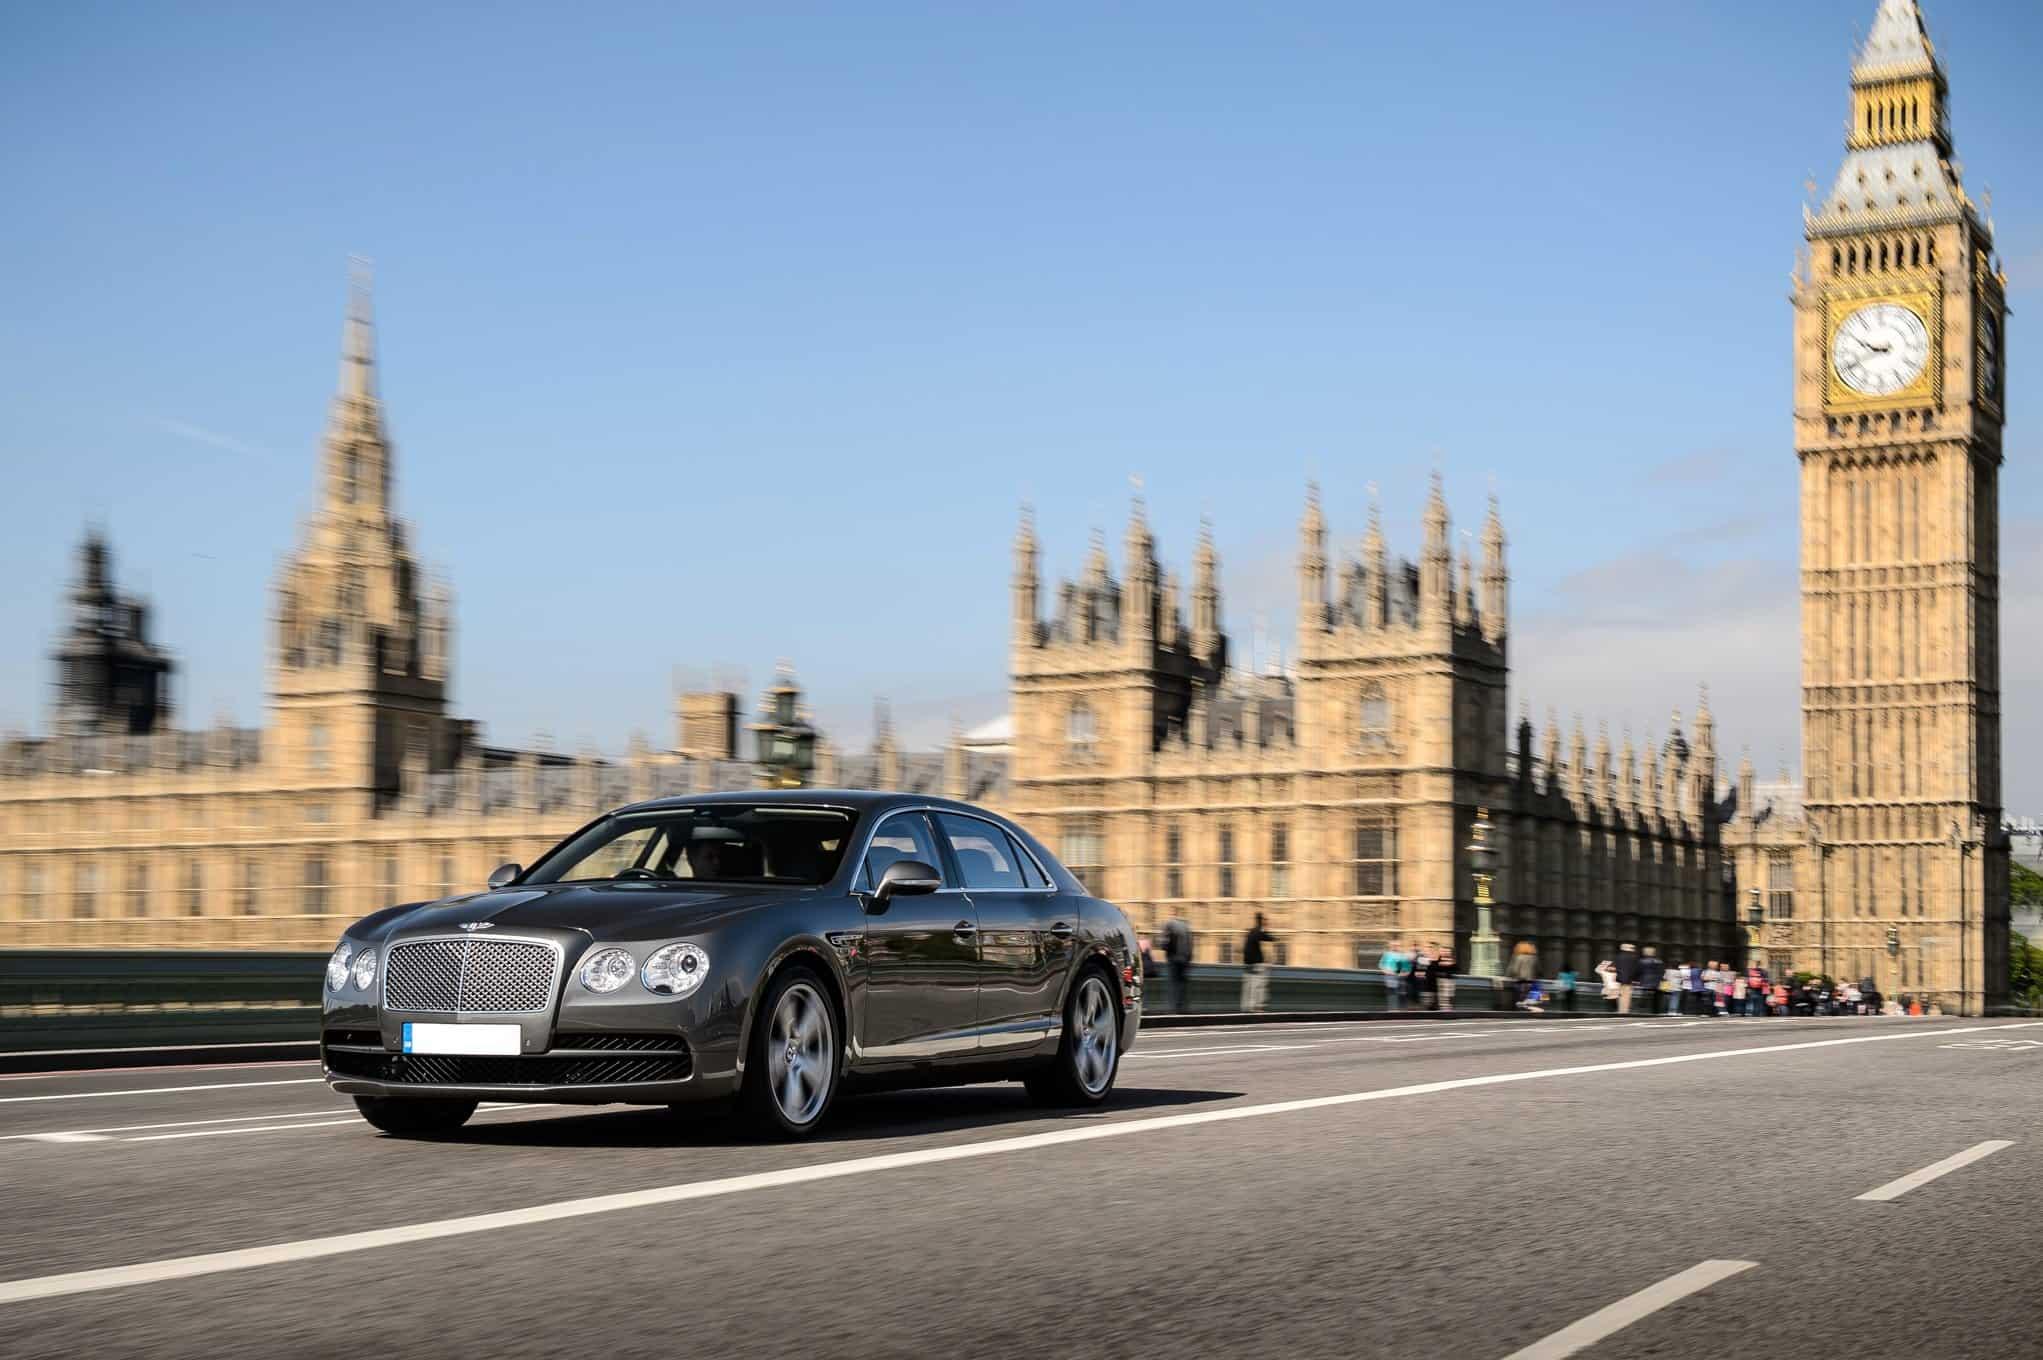 تأجير سيارات فخمة في لندن